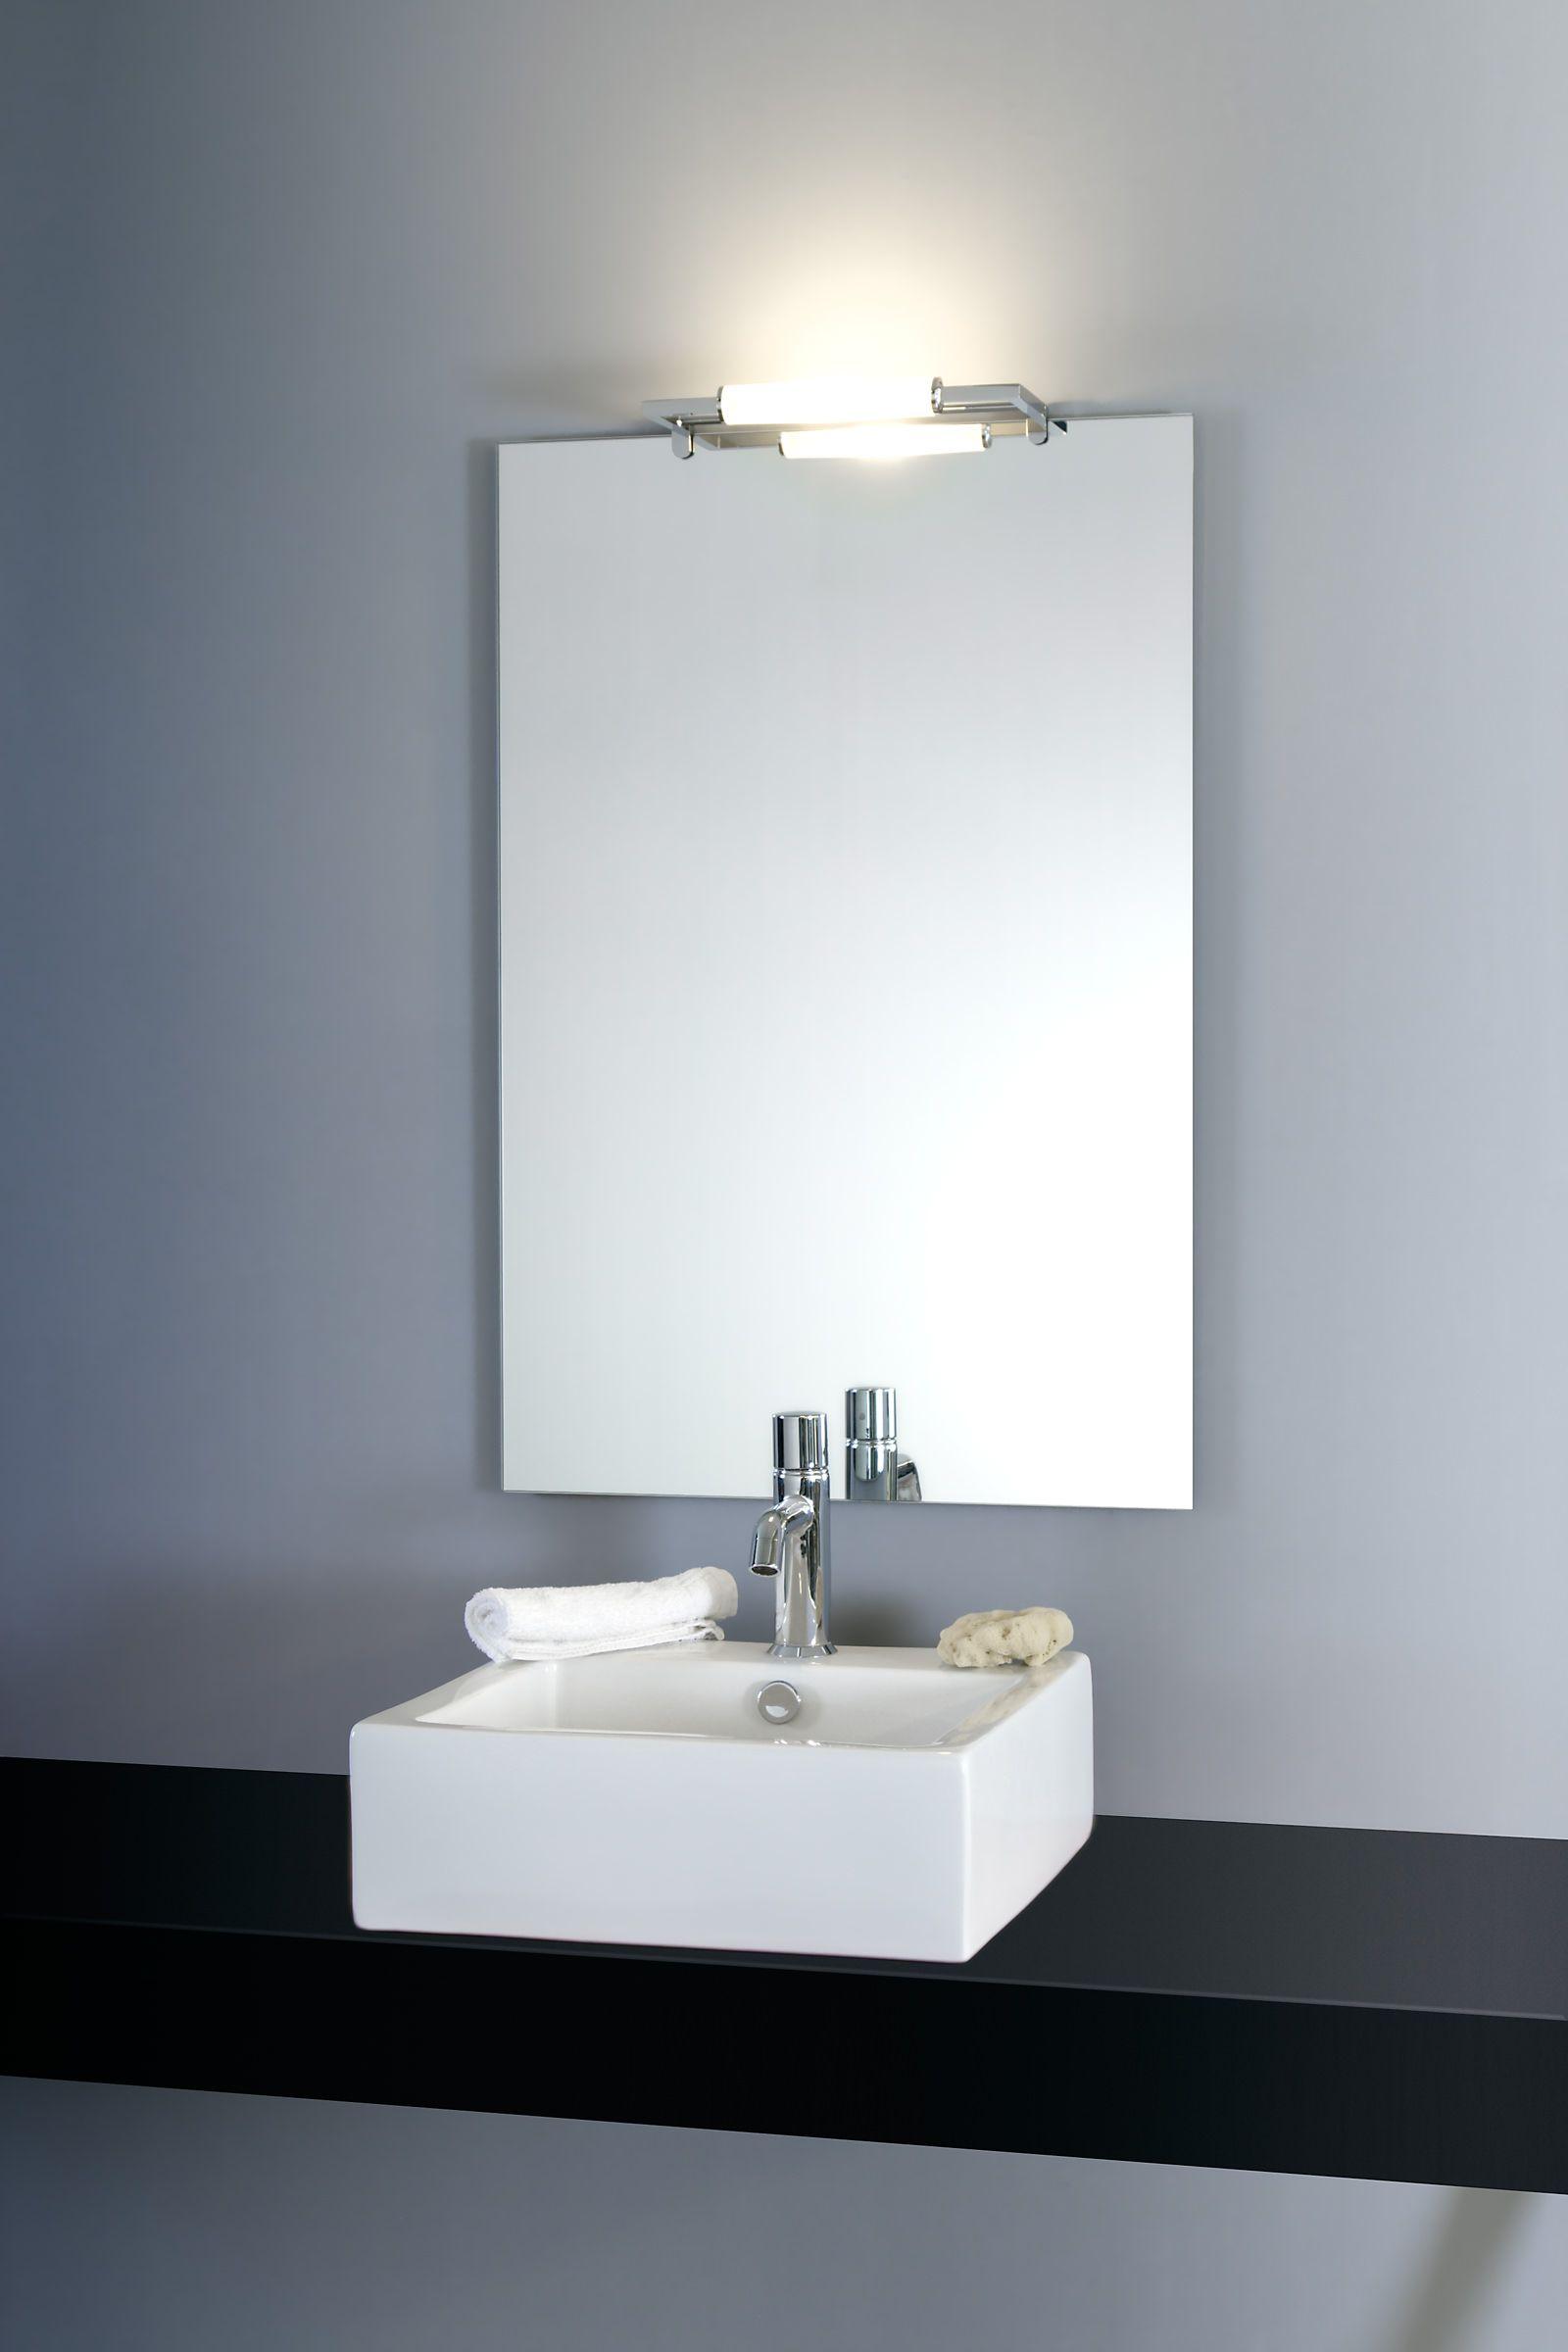 Spiegelleuchte Spirit Fur Badezimmerspiegel Badezimmerspiegel